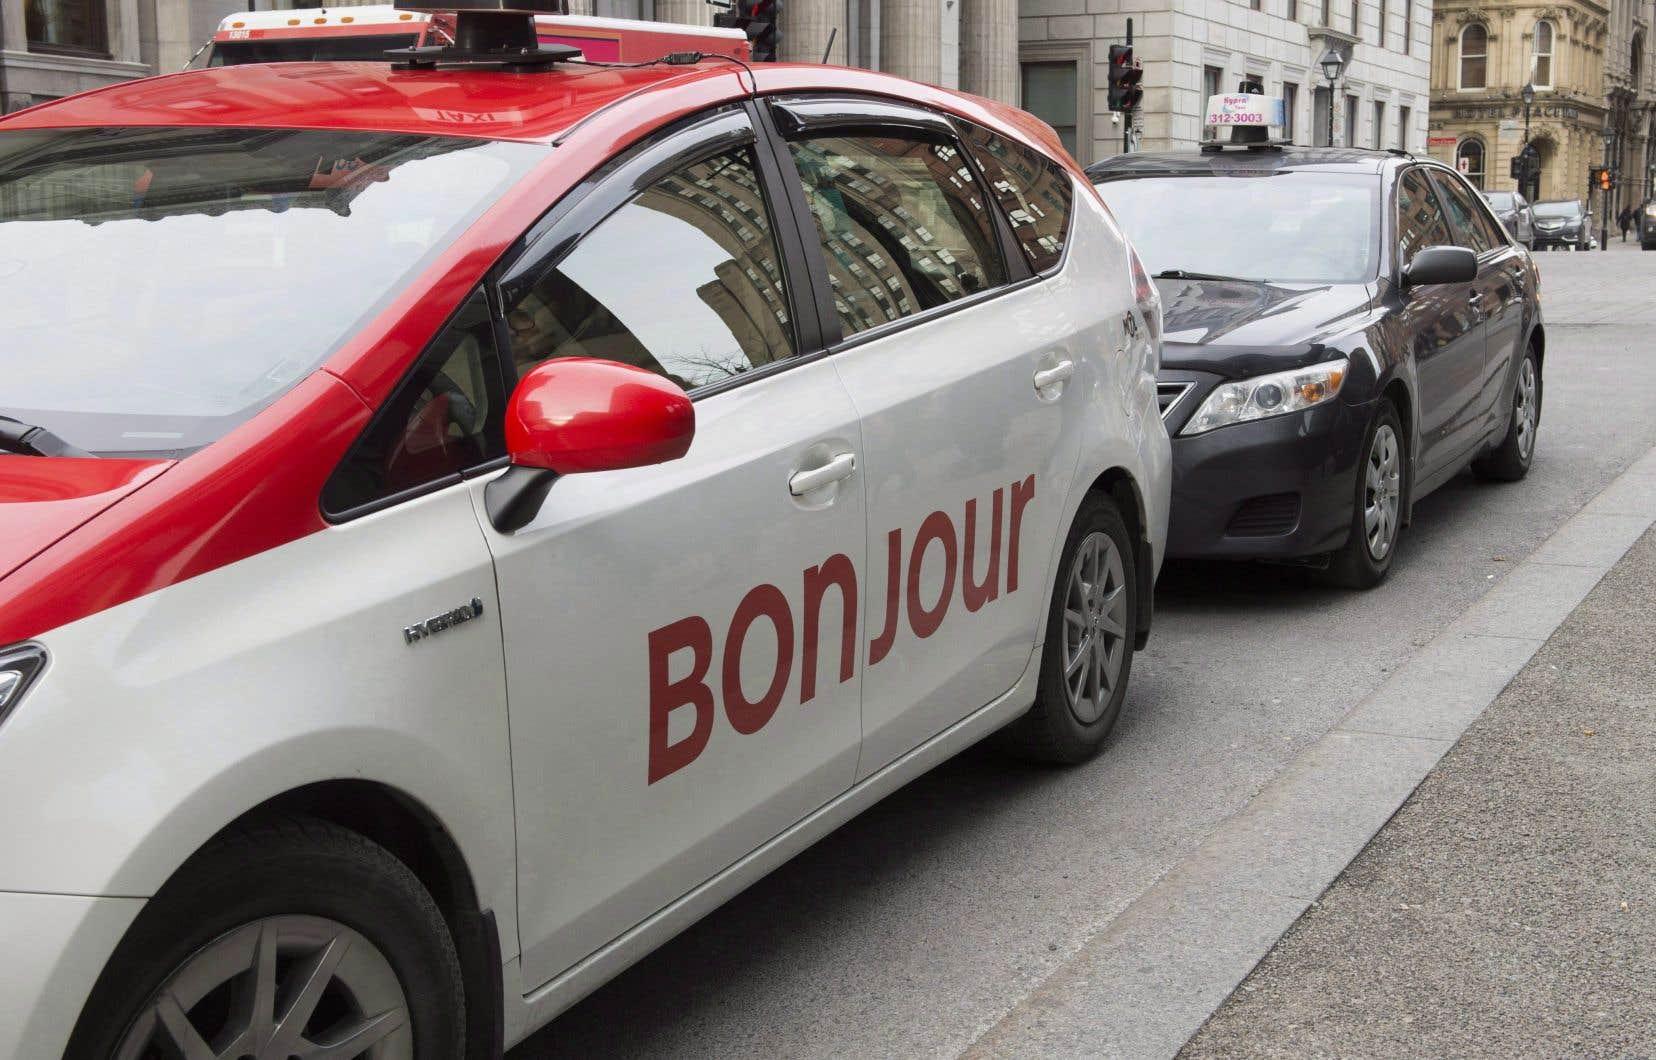 Le gouvernement a menacé d'avoir recours au bâillon pour forcer l'adoption du projet de loi, avant l'échéance du projet pilote avec la multinationale Uber la semaine prochaine.